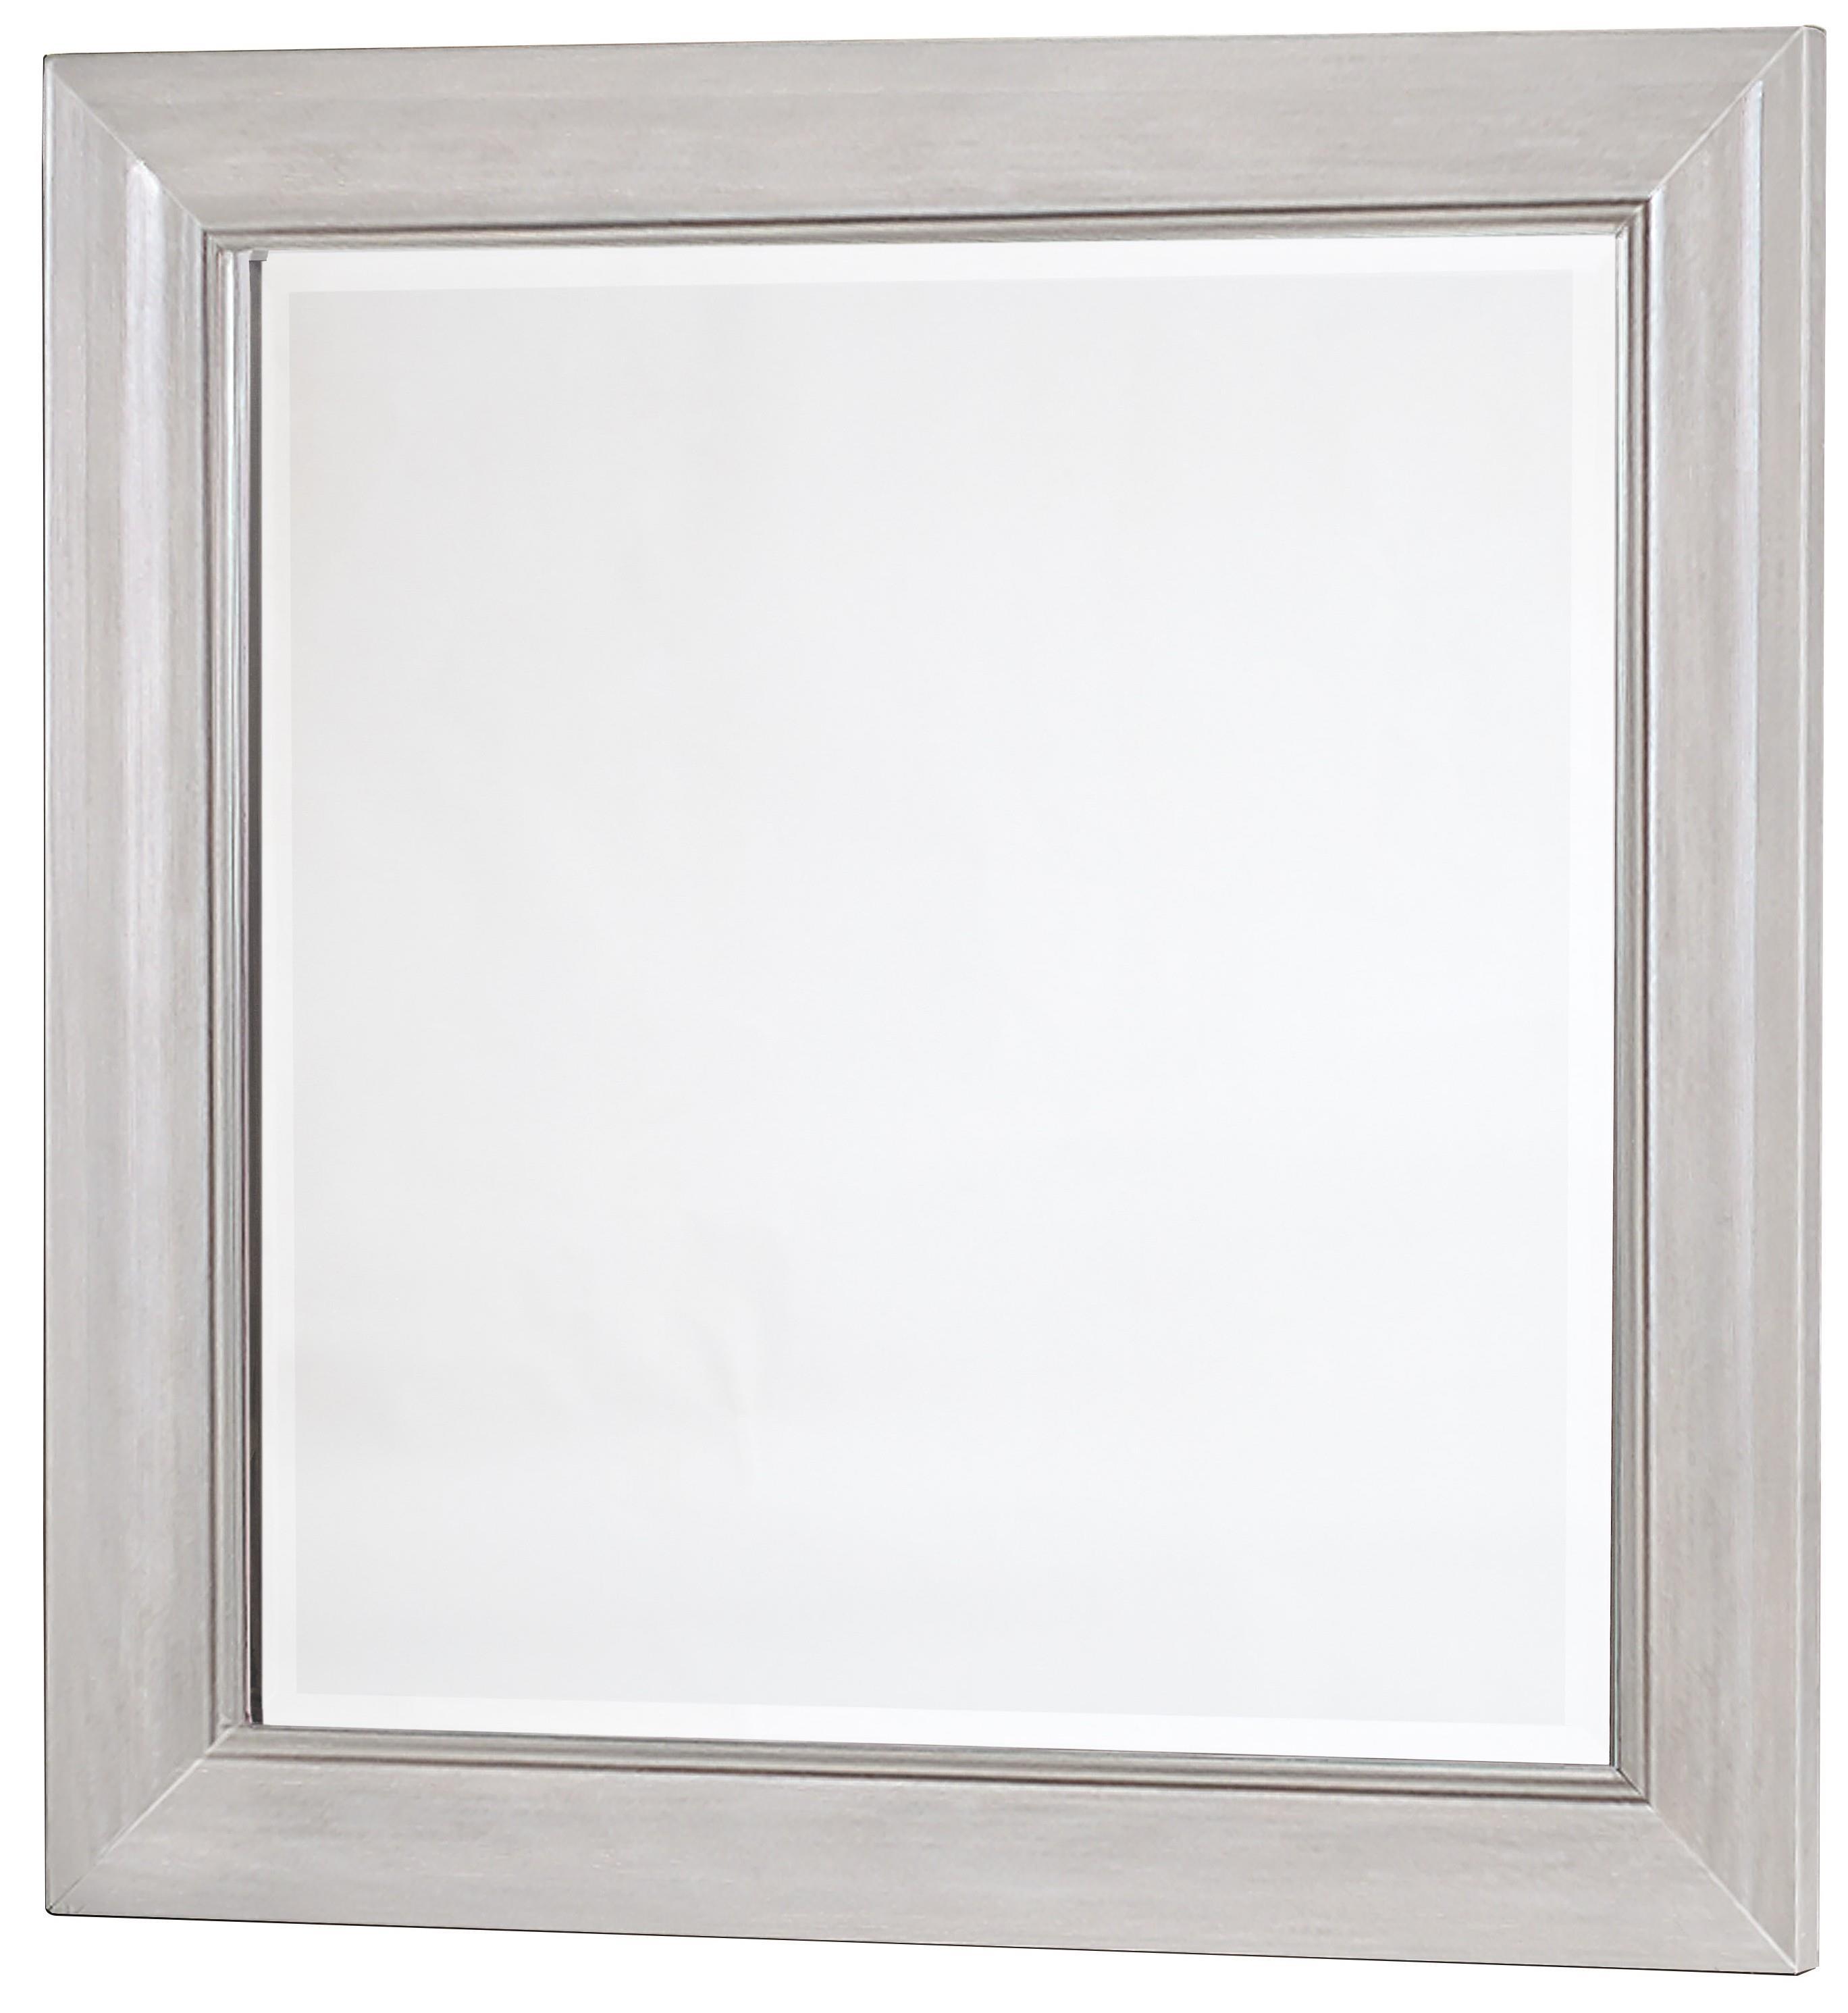 Vaughan Bassett Villa Sophia Landscape Mirror - Item Number: 524-446